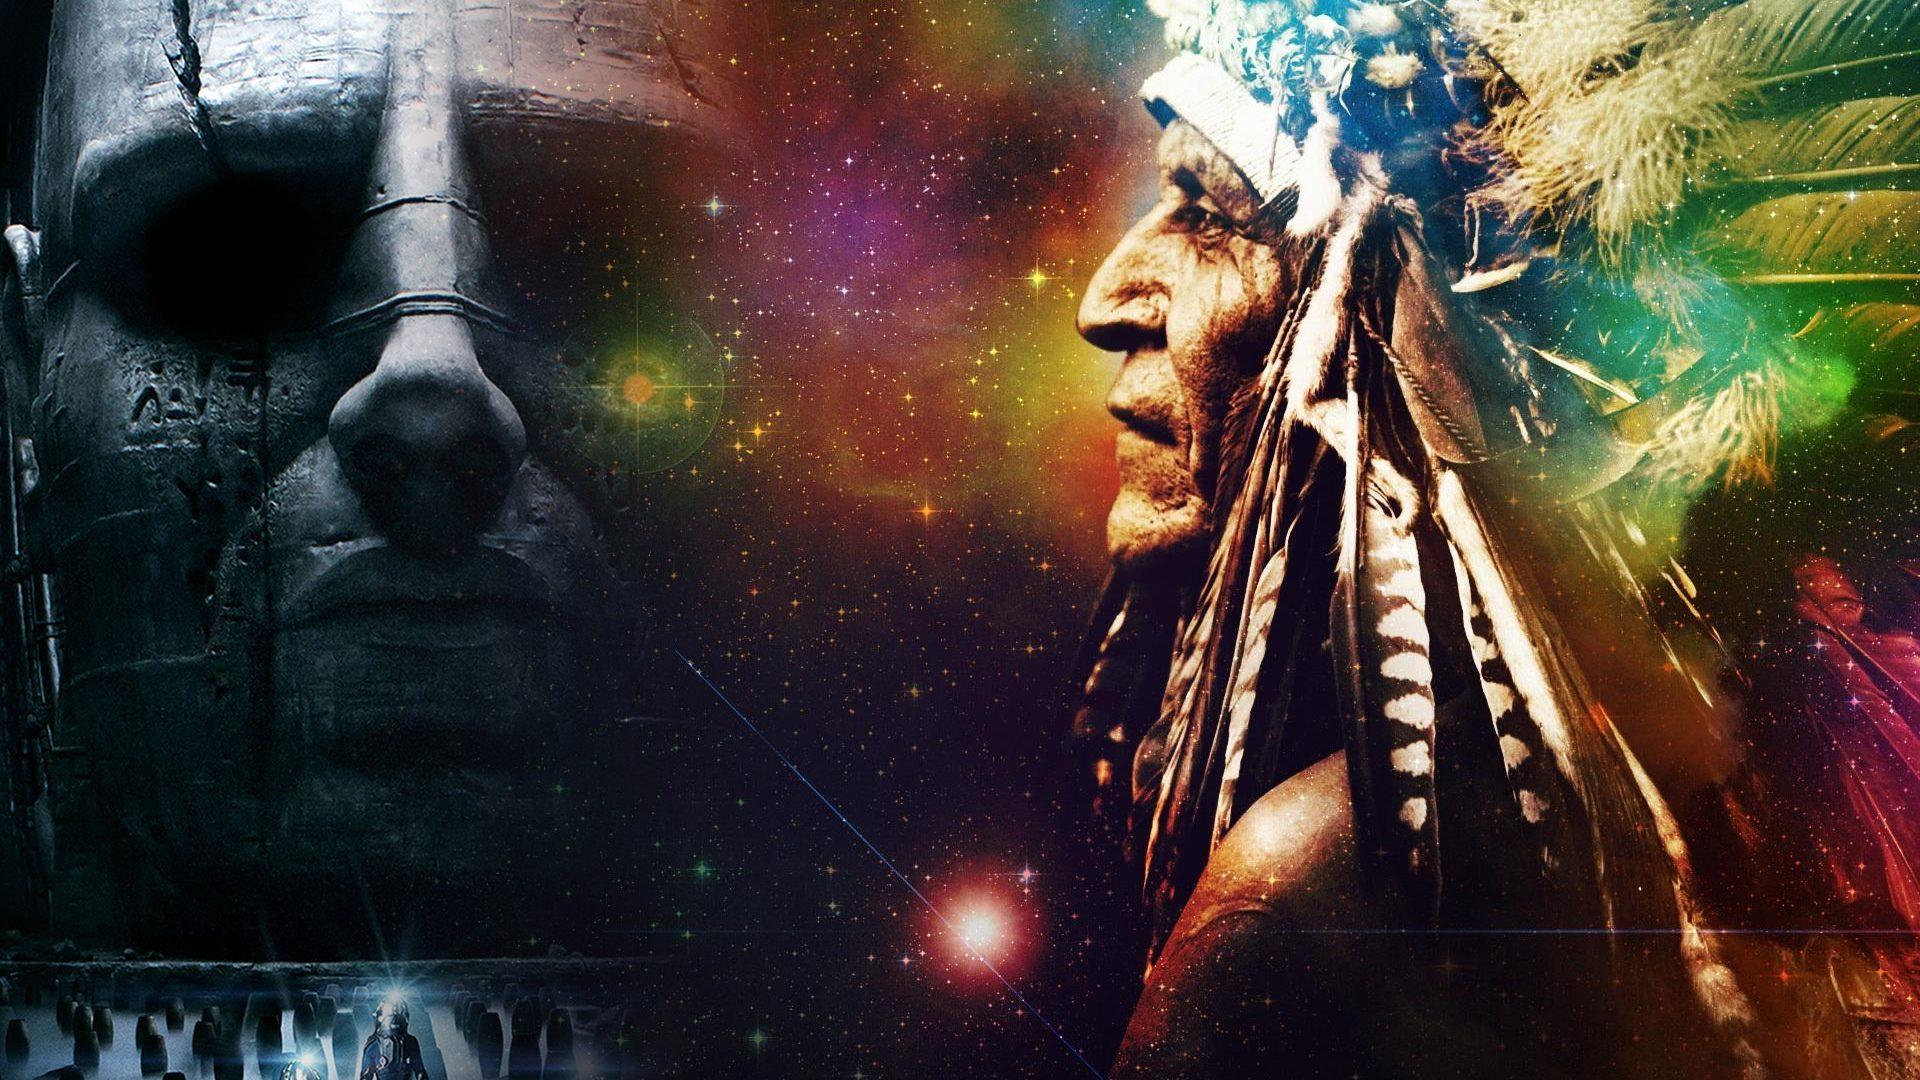 Nativos americanos creían que alienígenas «están viviendo entre nosotros»